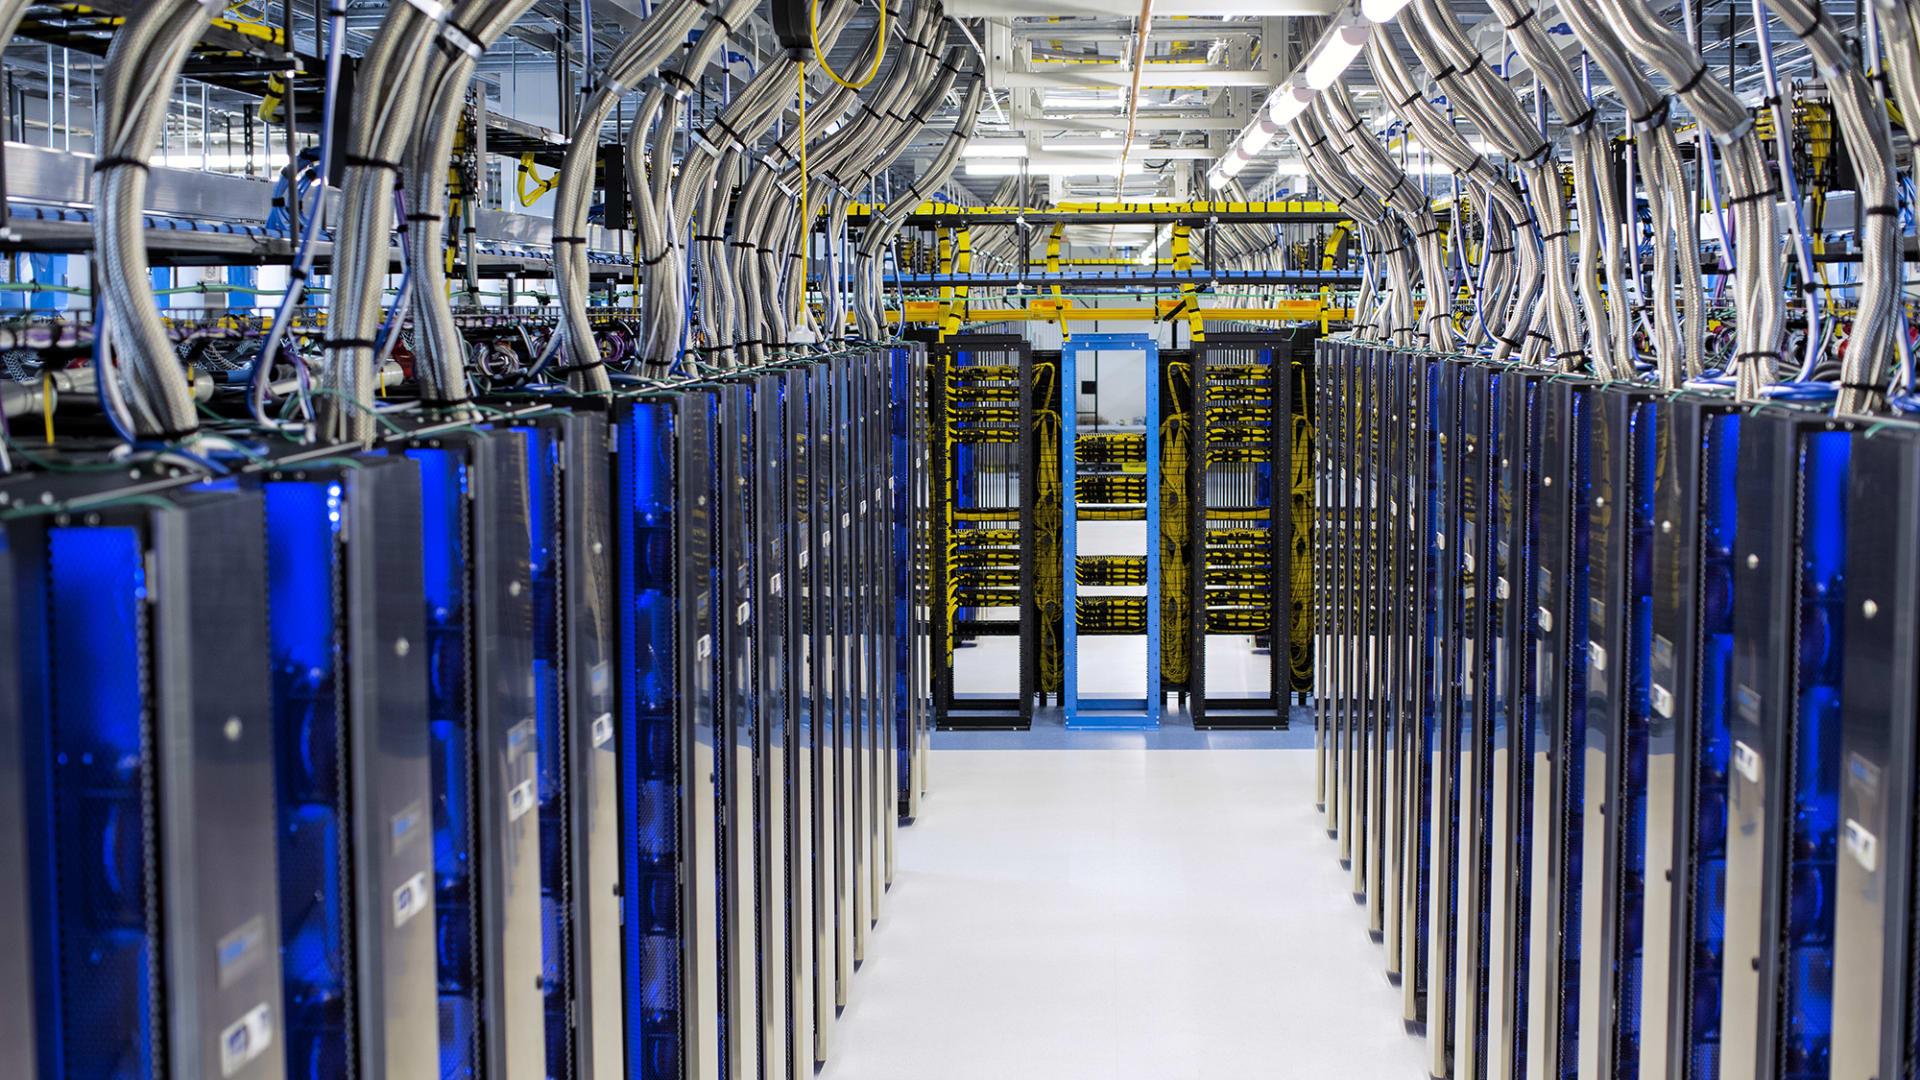 """""""مايكروسوفت"""" تطلق مركزا جديدا للبيانات السحابية بقطر.. كيف سيصبح جزءا لا يتجزأ من التحول الرقمي في البلاد؟"""